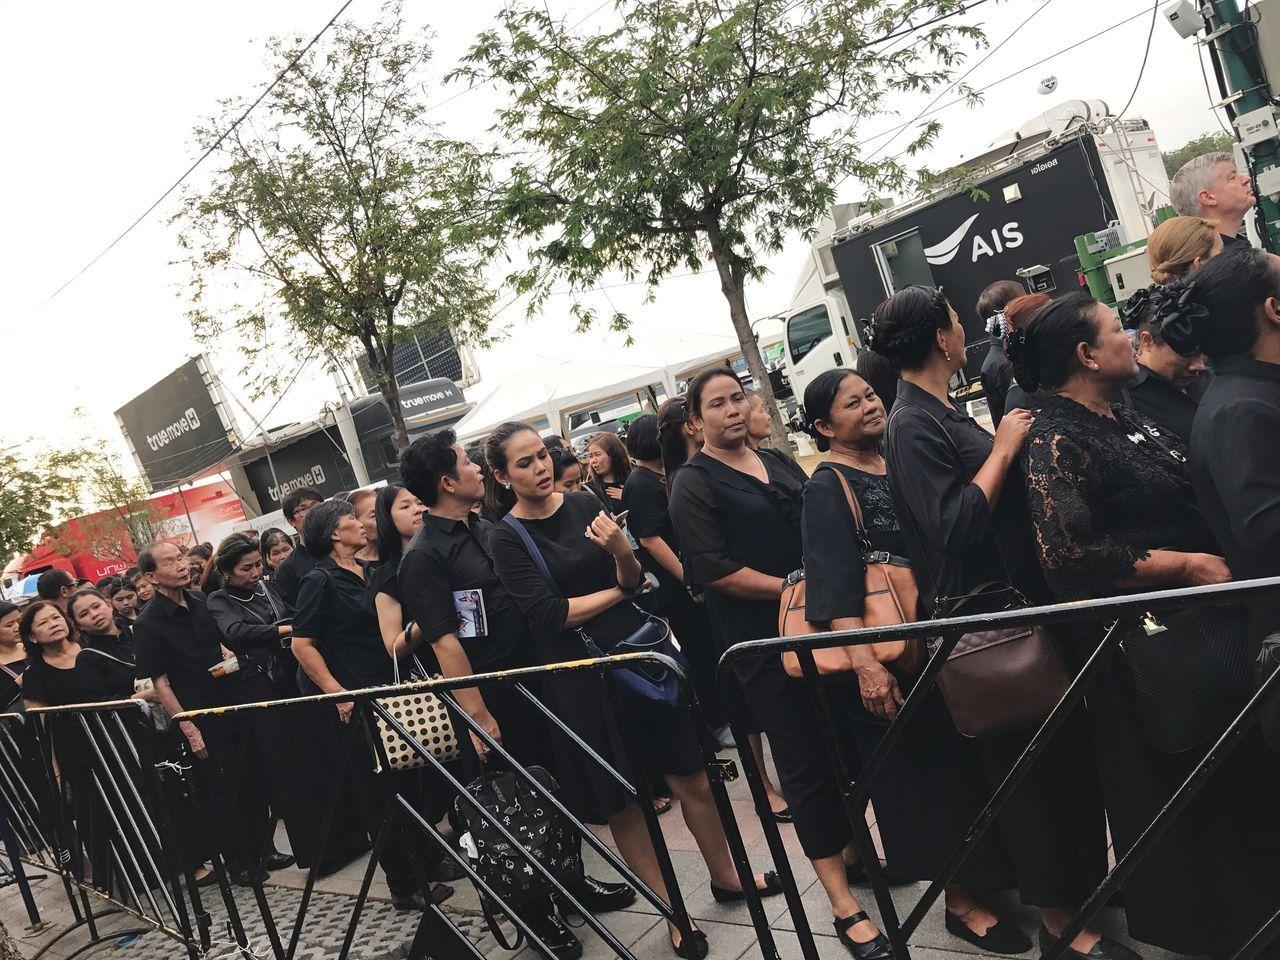 รอคอย Waiting Respect King Of Thailand Large Group Of People Young Women Arts Culture And Entertainment Young Adult EyeEm Thailand Capture The Moment Thailand Friendship King Adults Only People Men Adult Real People Outdoors Crowd Day